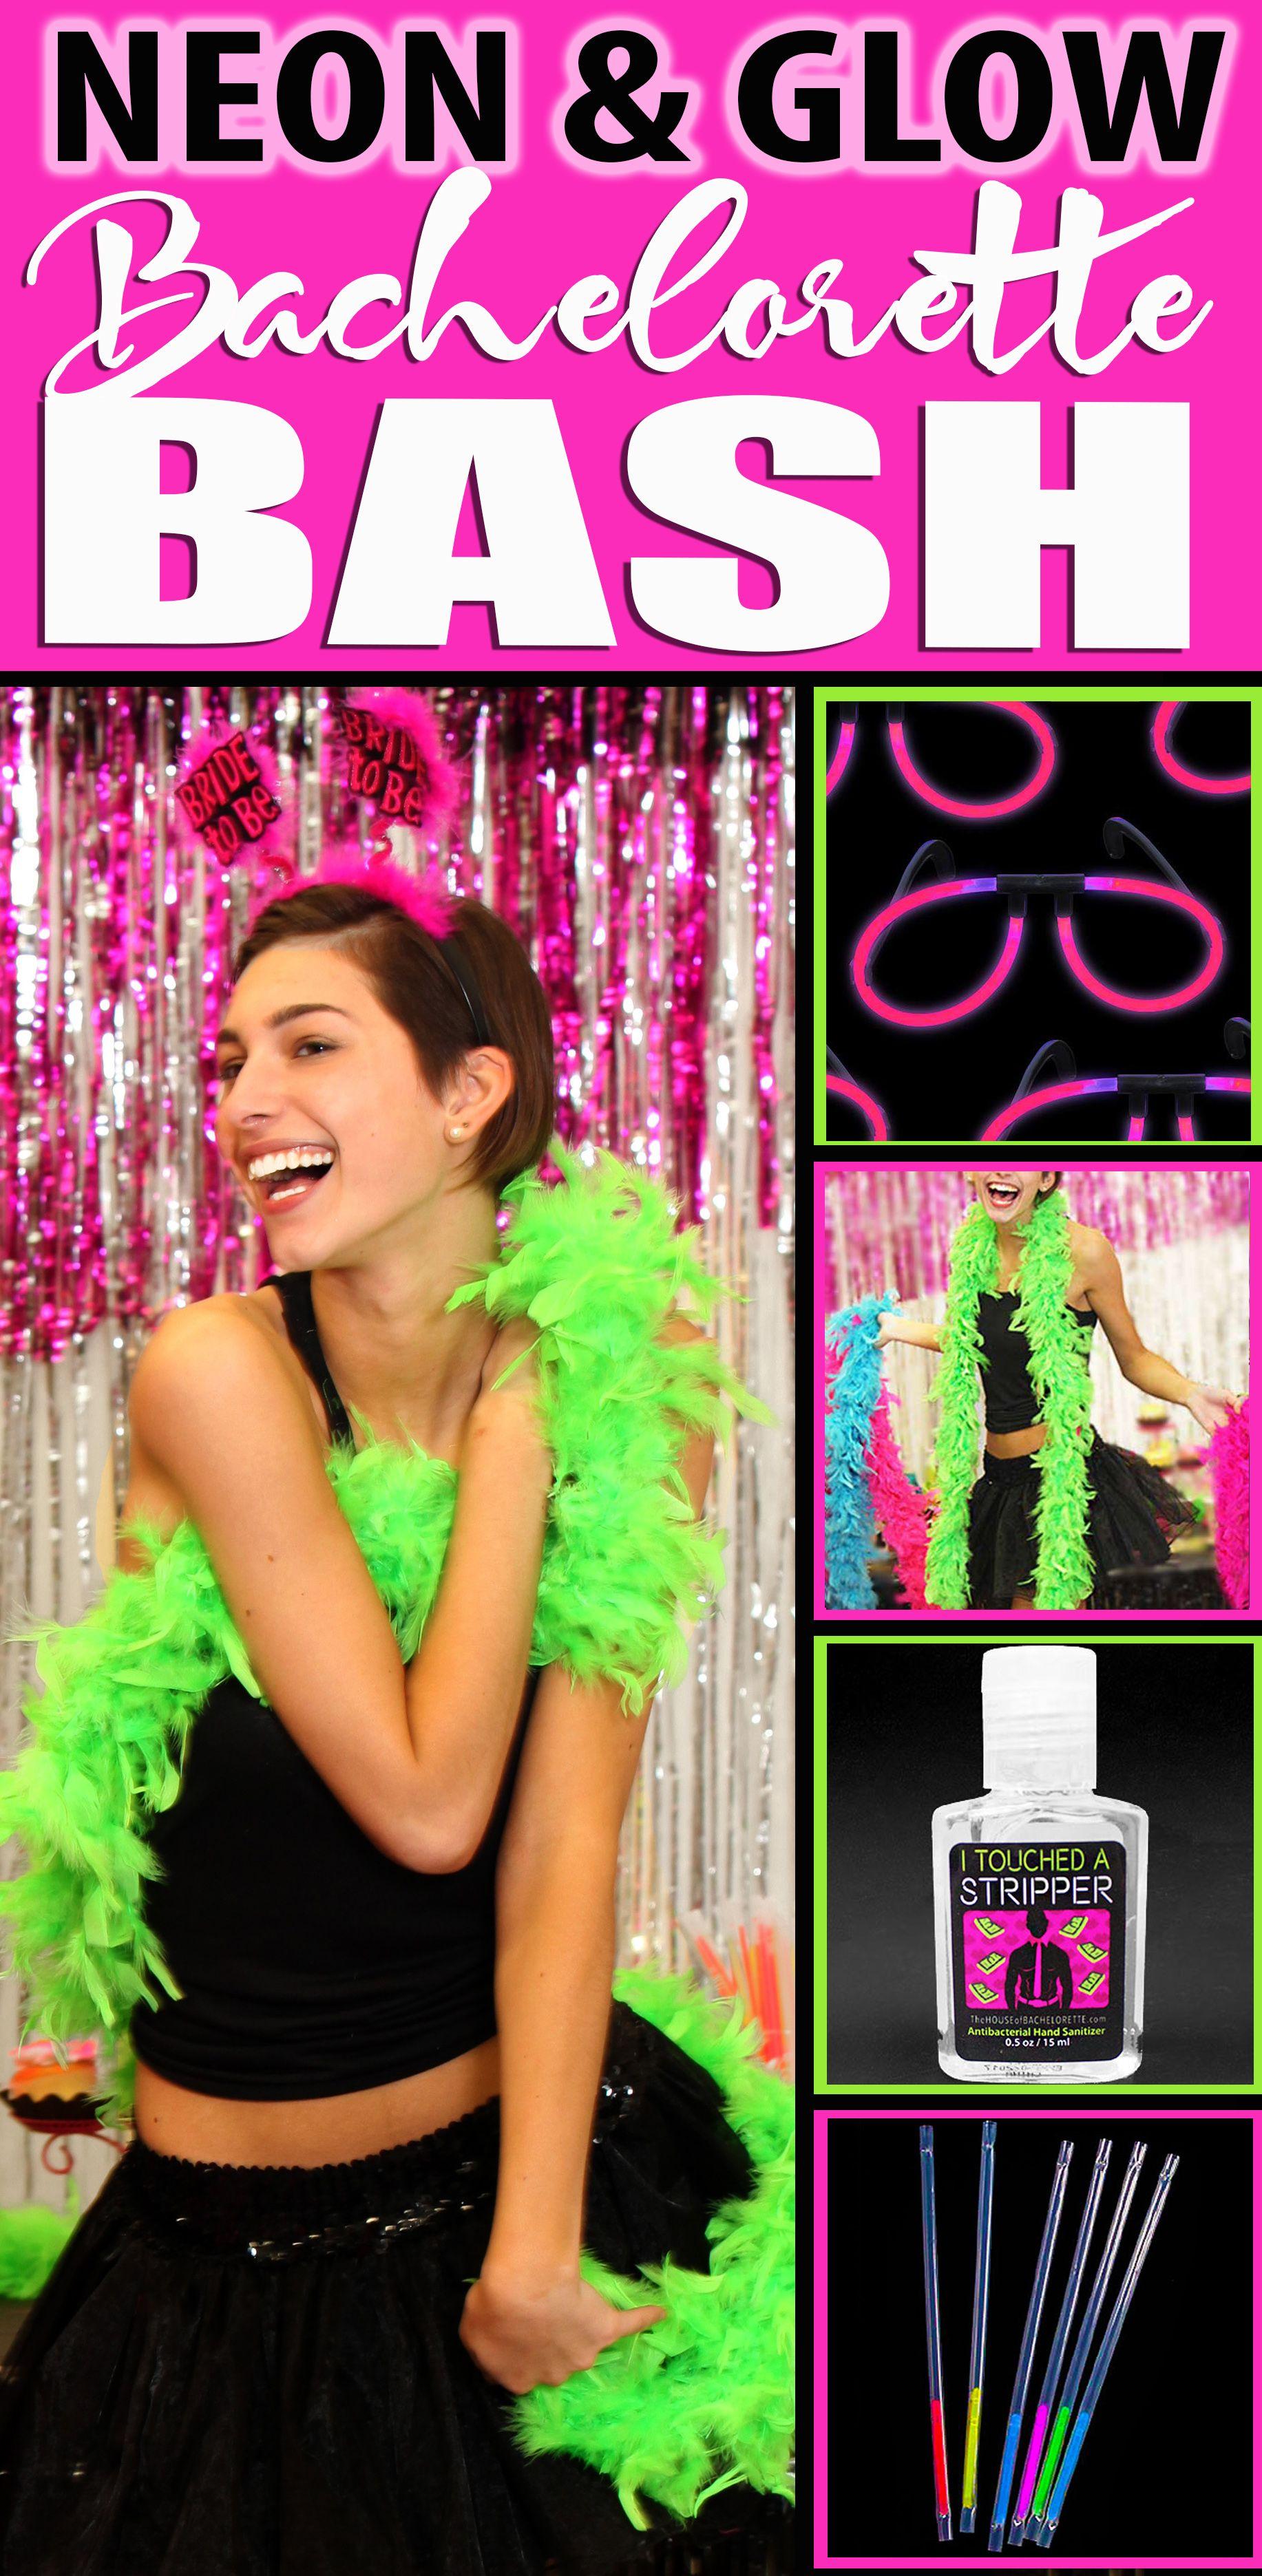 Bachelorette 2019 Stick Ideas Get Neon & Glow Bachelorette Party Ideas, Party Favor Ideas and